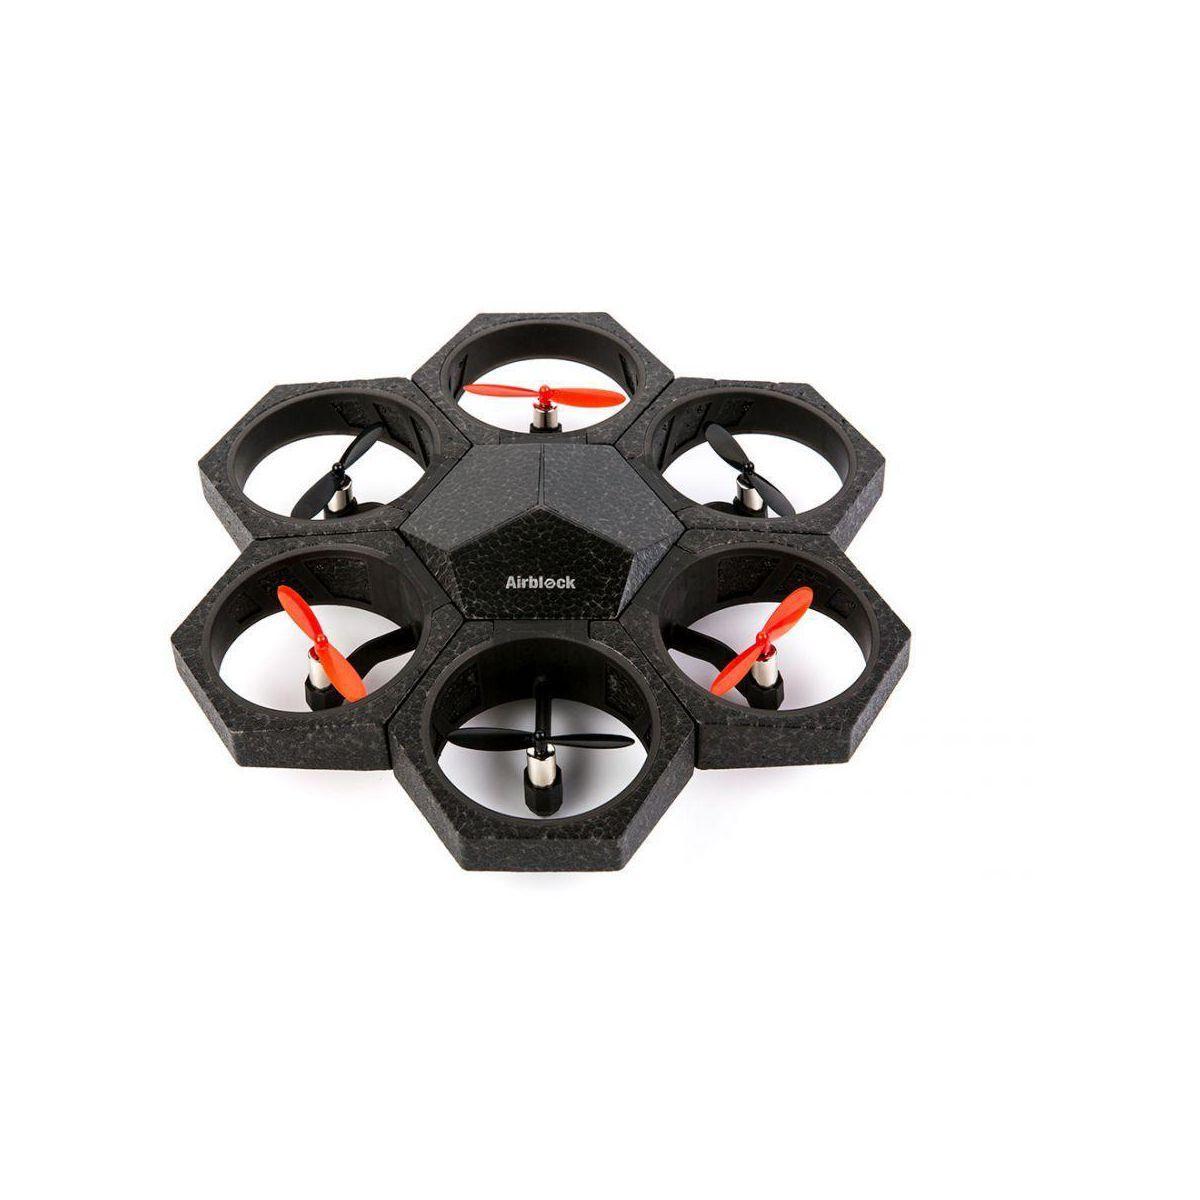 Robot connect� makeblock airblock drone - 7% de remise imm�diate avec le code : green7